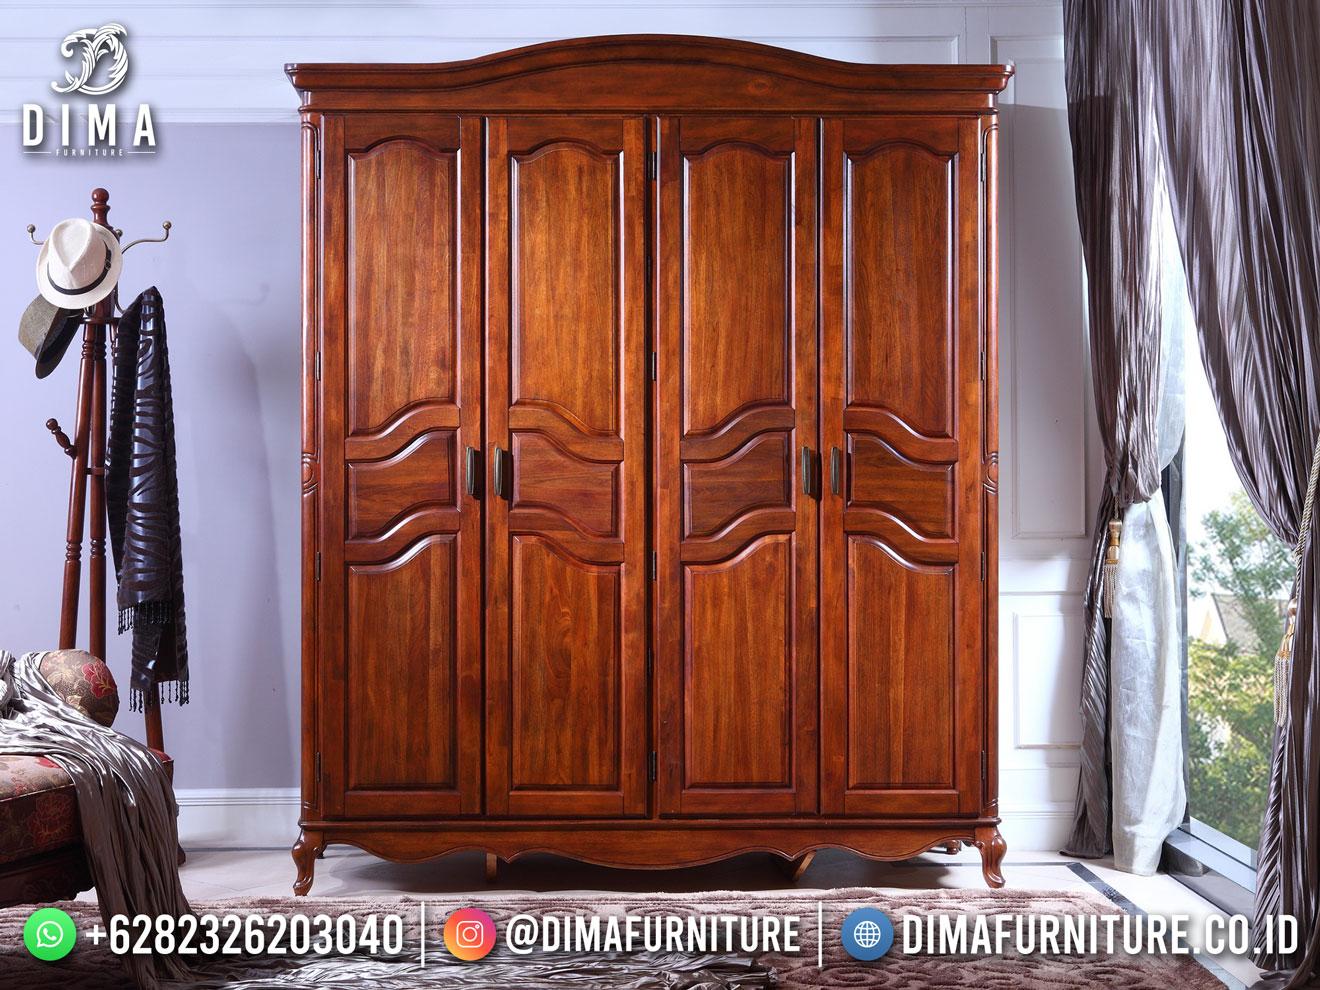 Best Price Lemari Pakaian Minimalis Jepara 4 Pintu Natural Color BT-1179